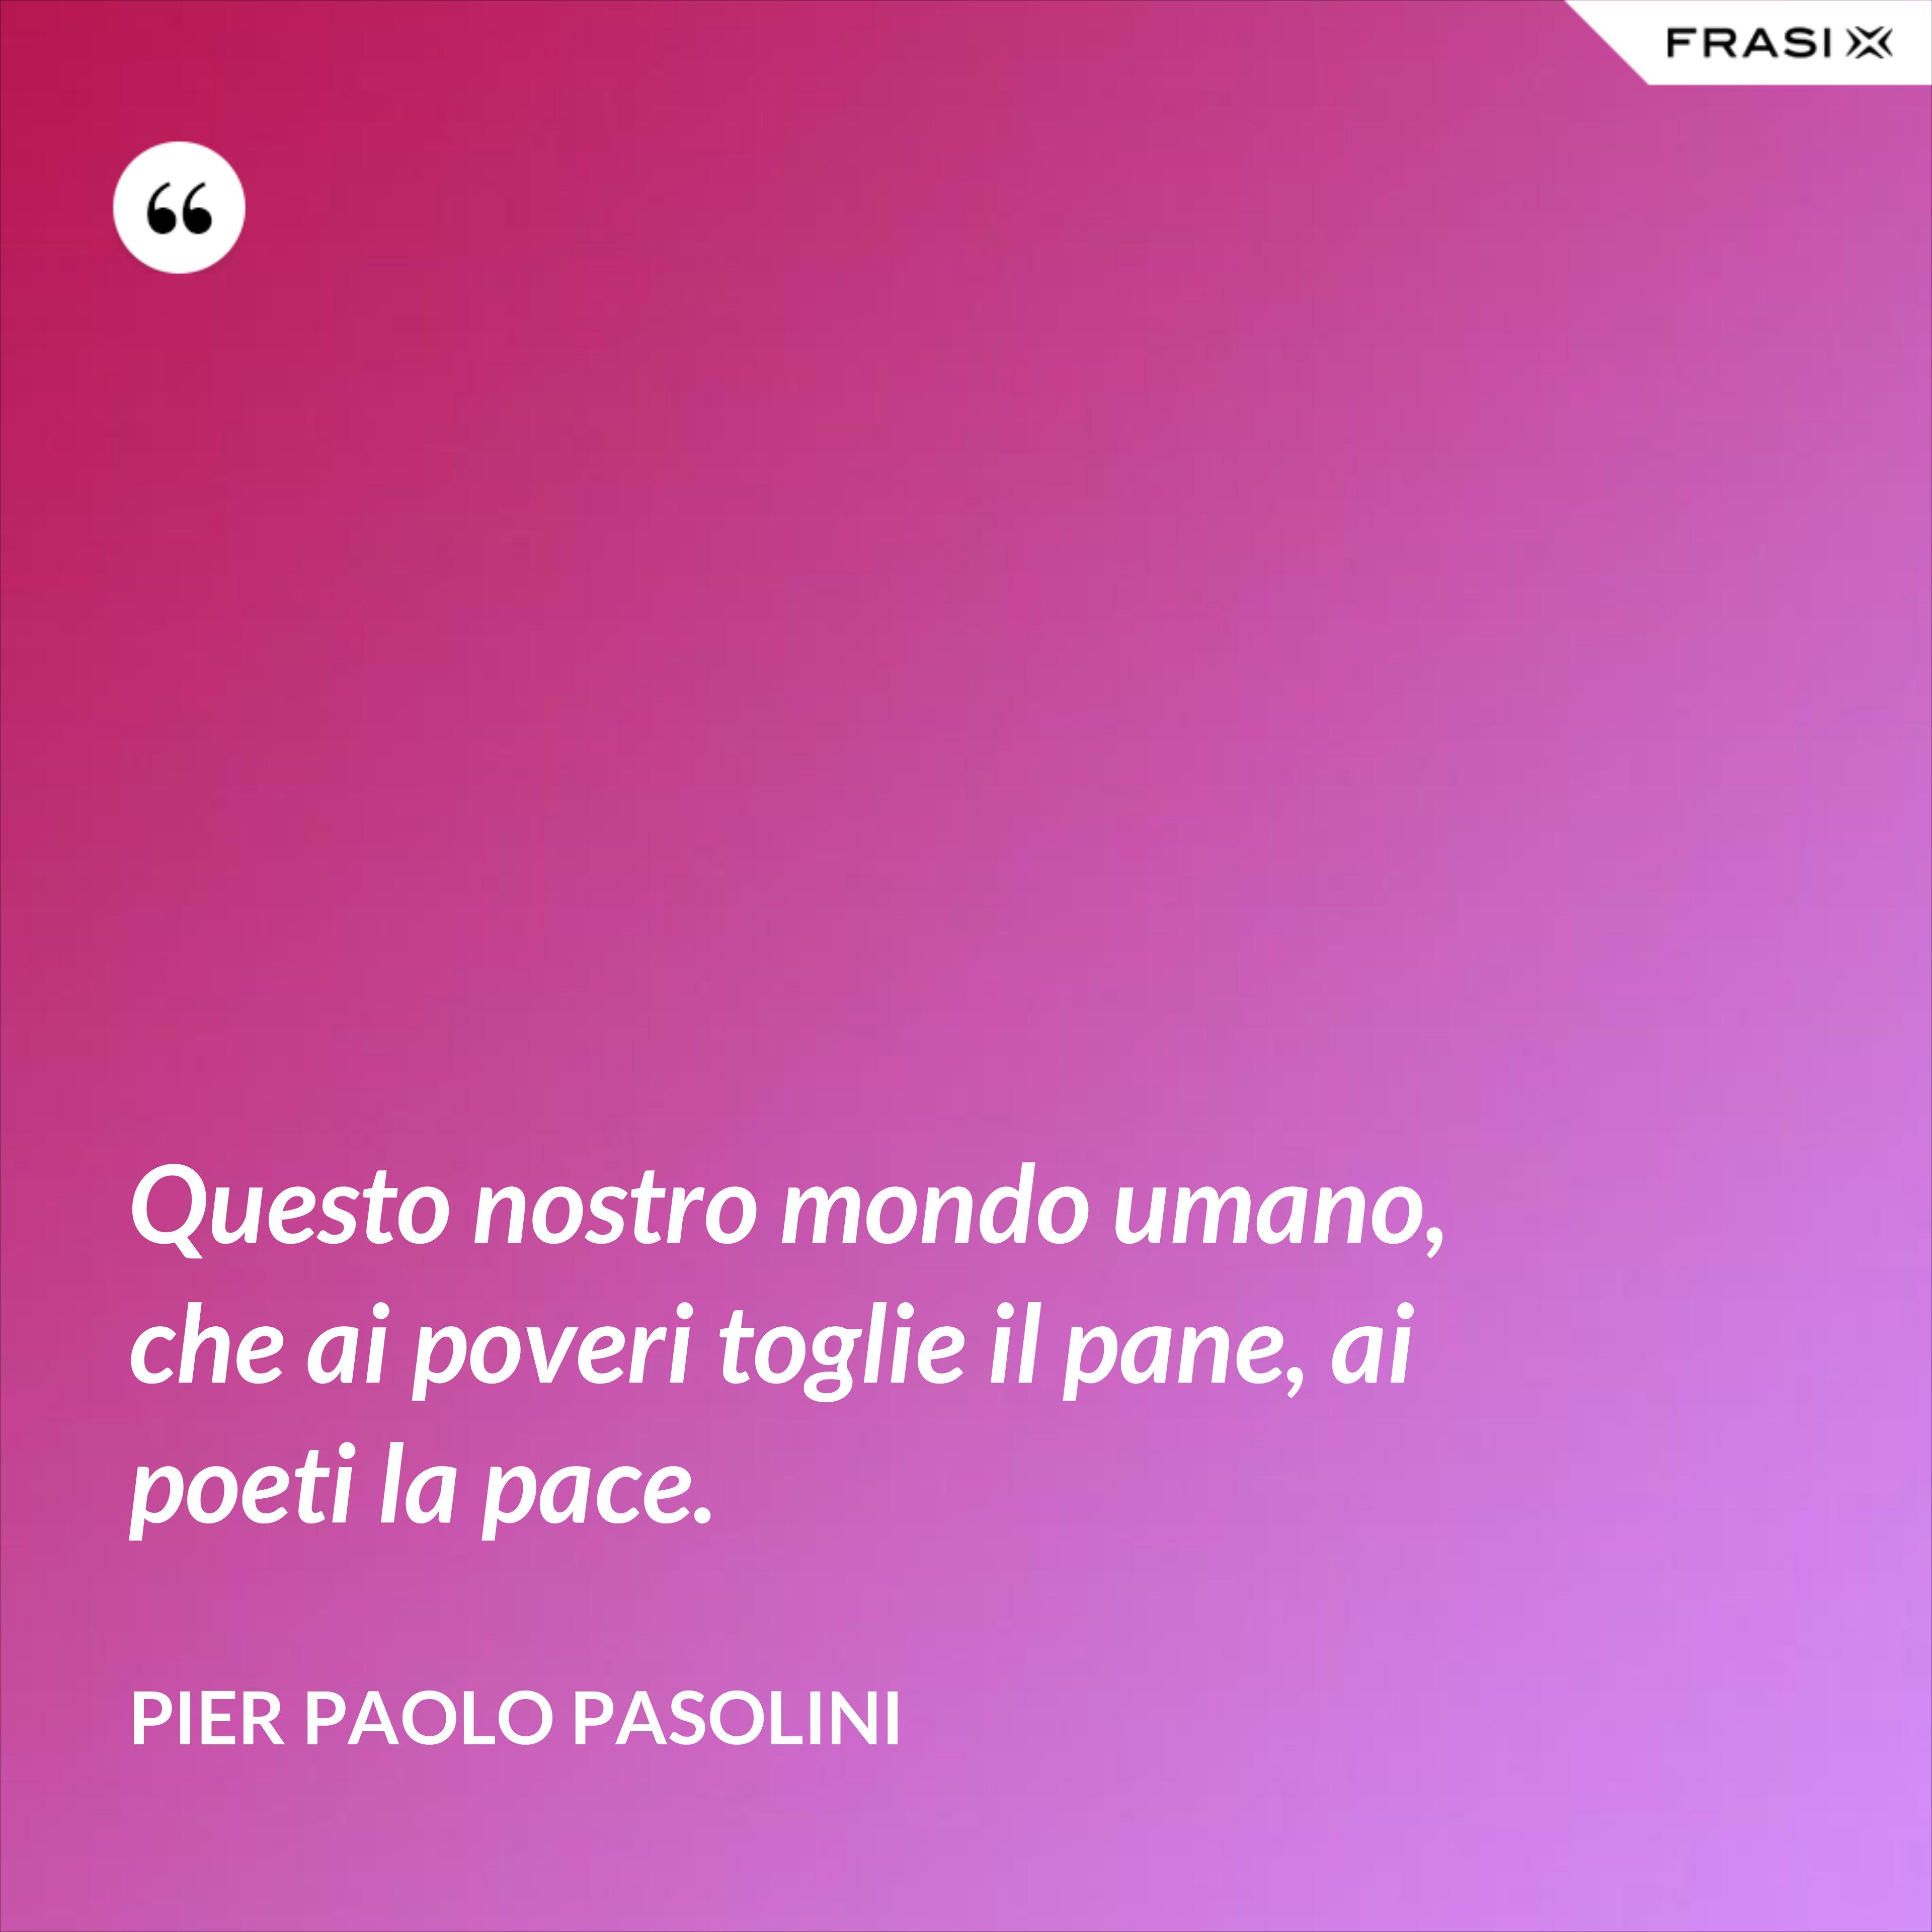 Questo nostro mondo umano, che ai poveri toglie il pane, ai poeti la pace. - Pier Paolo Pasolini